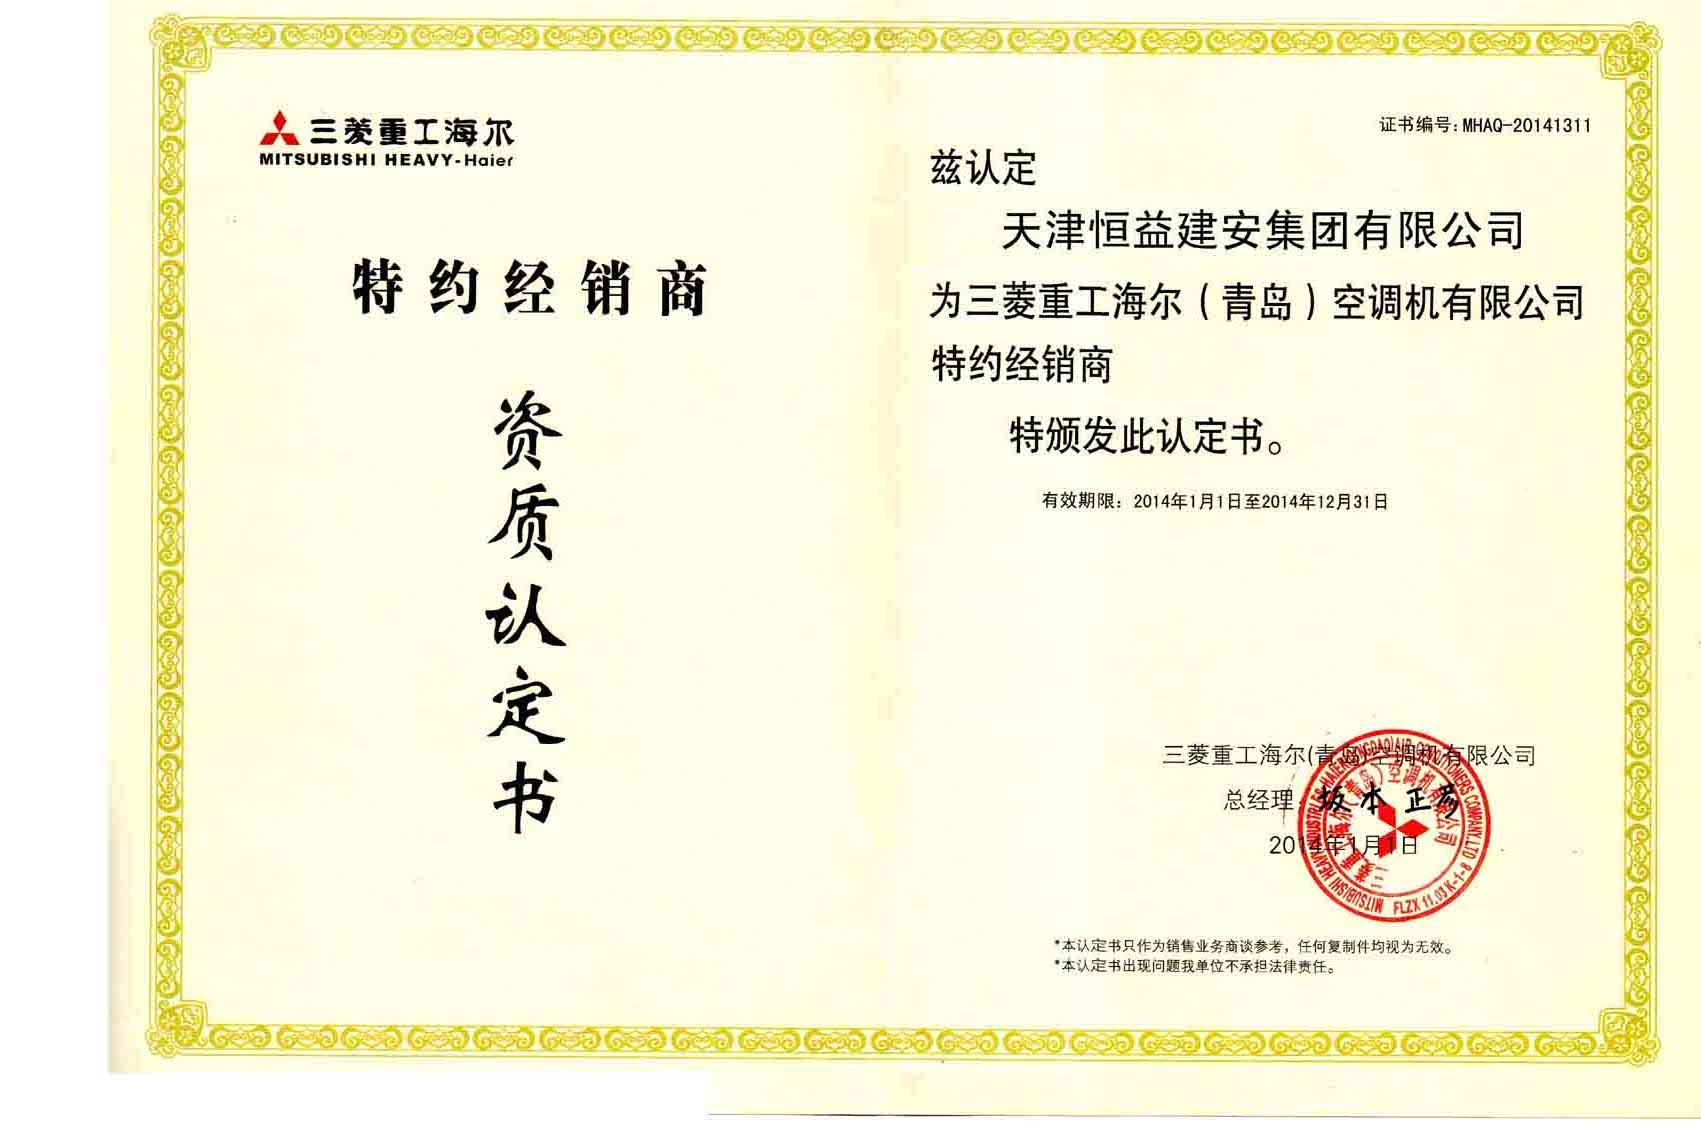 企业授权-三菱重工海尔空调机